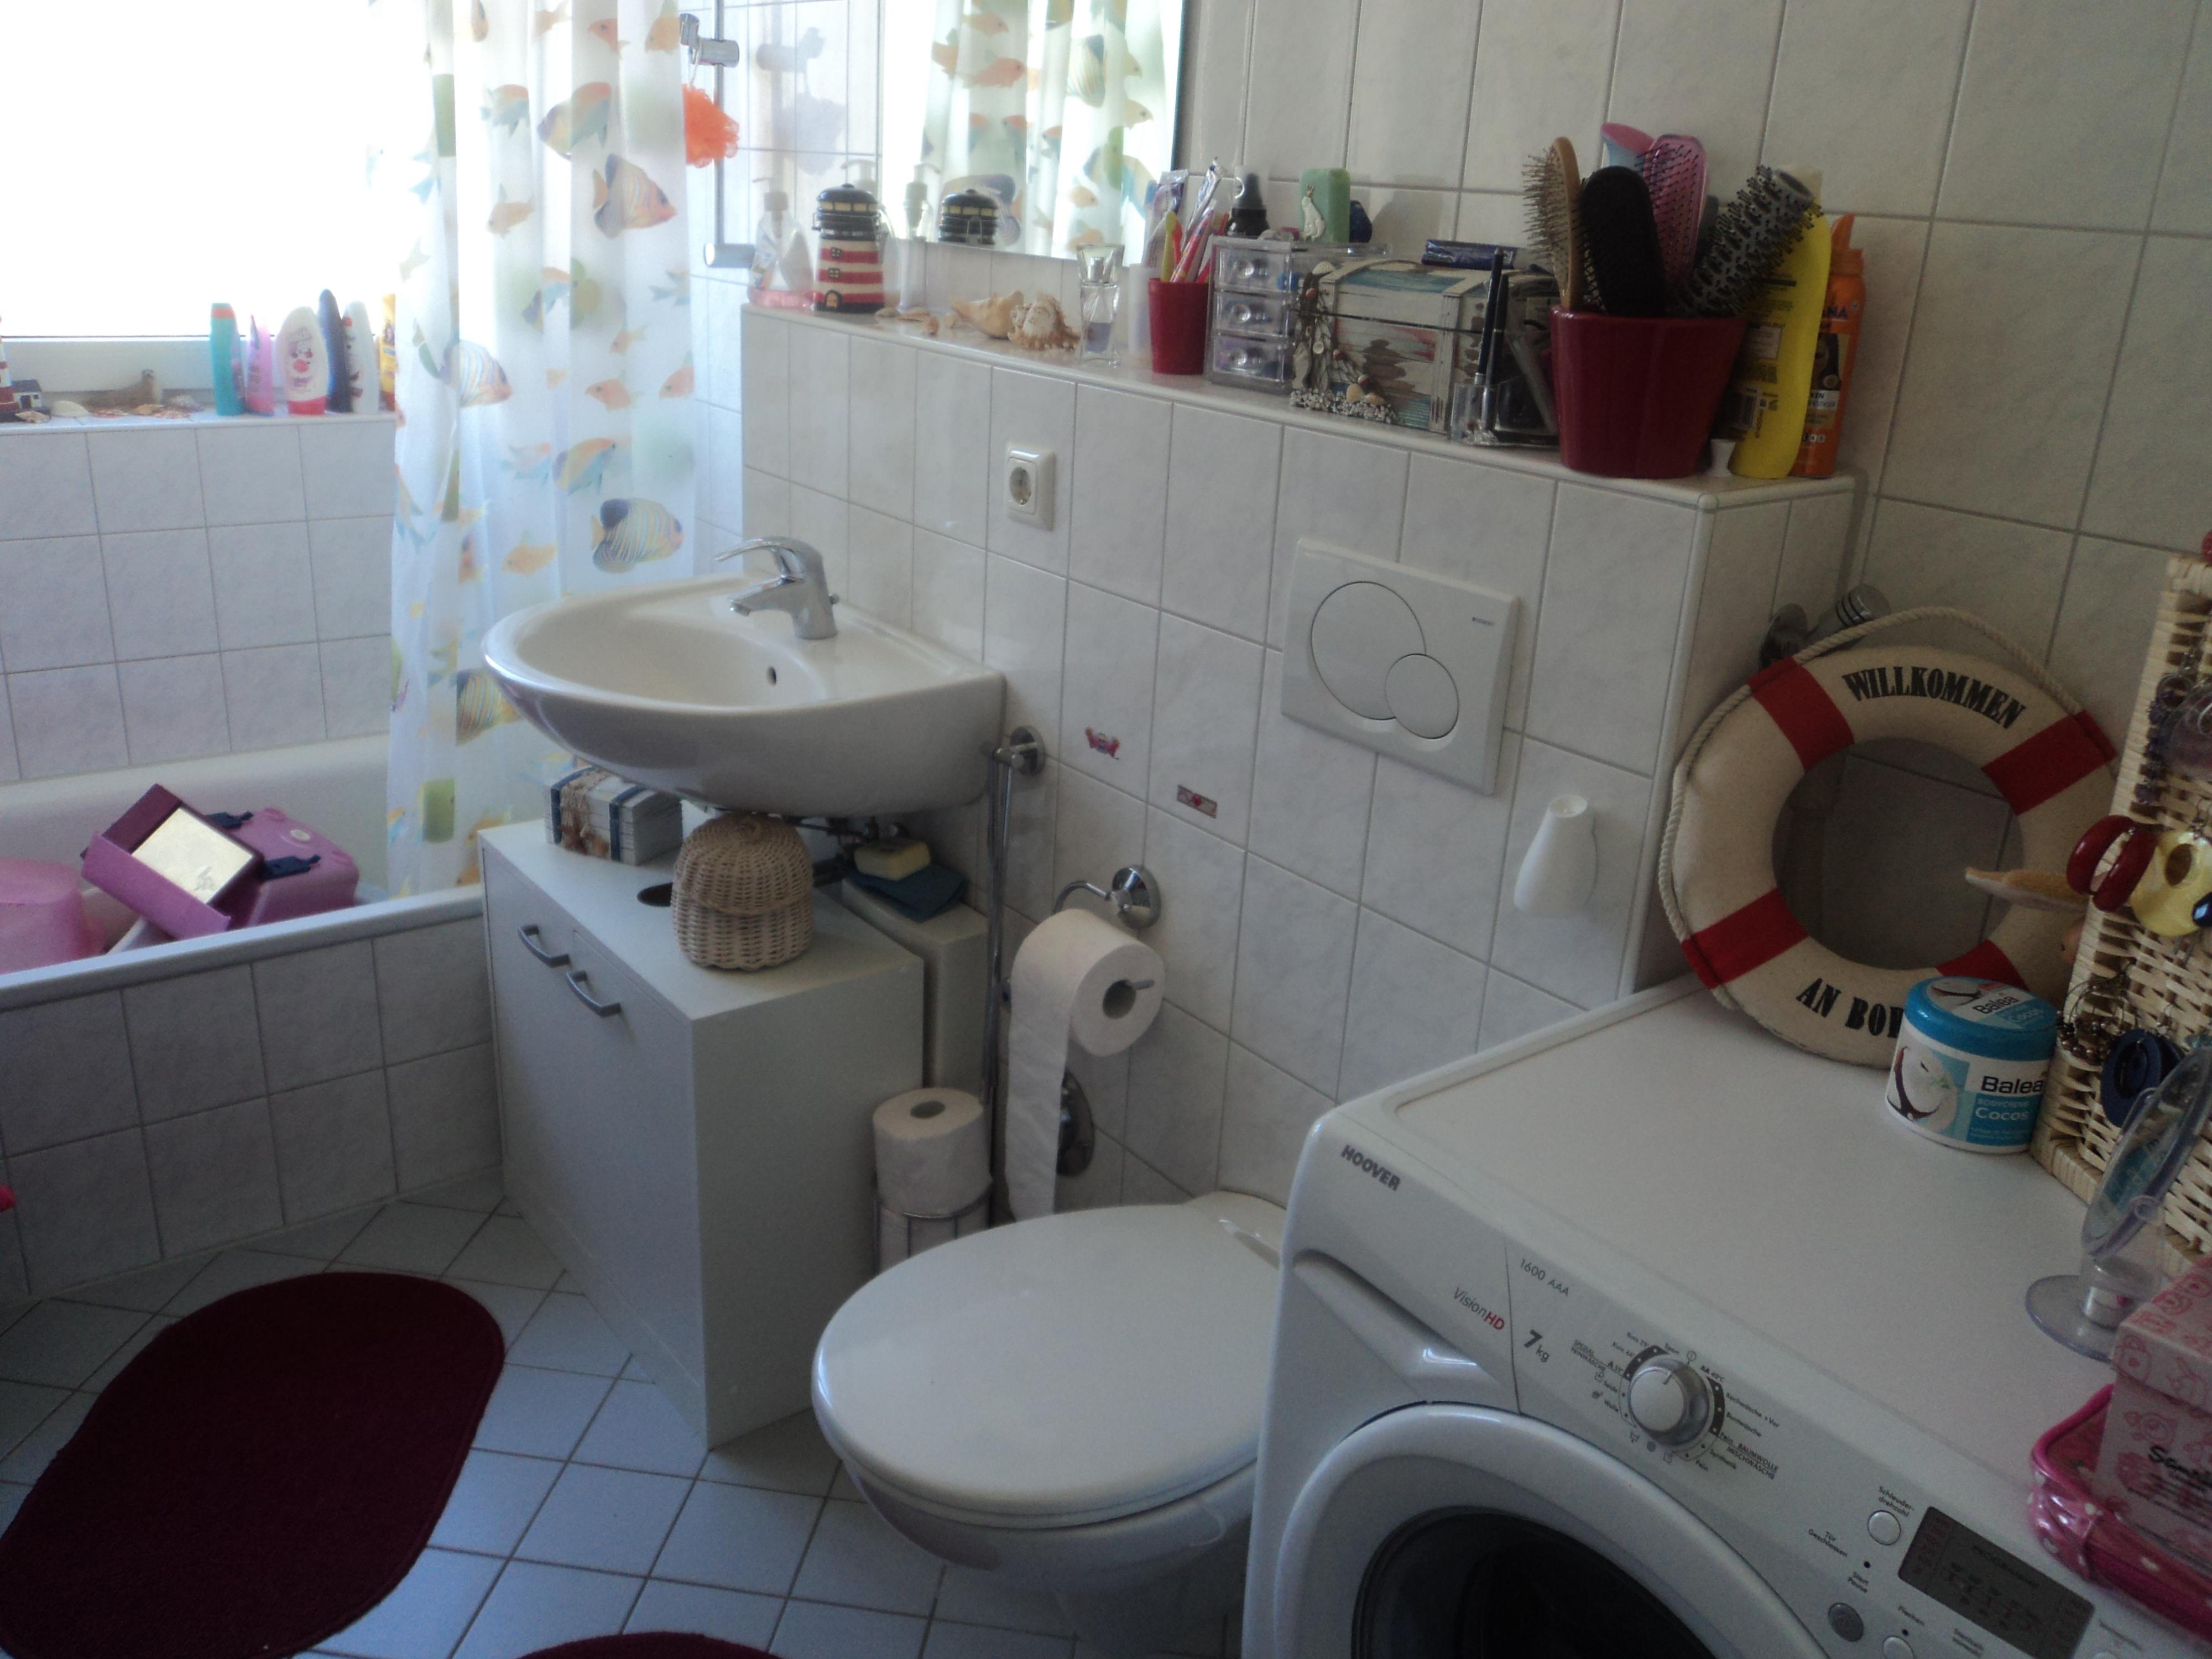 ungew hnliche ereignisse in meiner wohnung seite 6. Black Bedroom Furniture Sets. Home Design Ideas